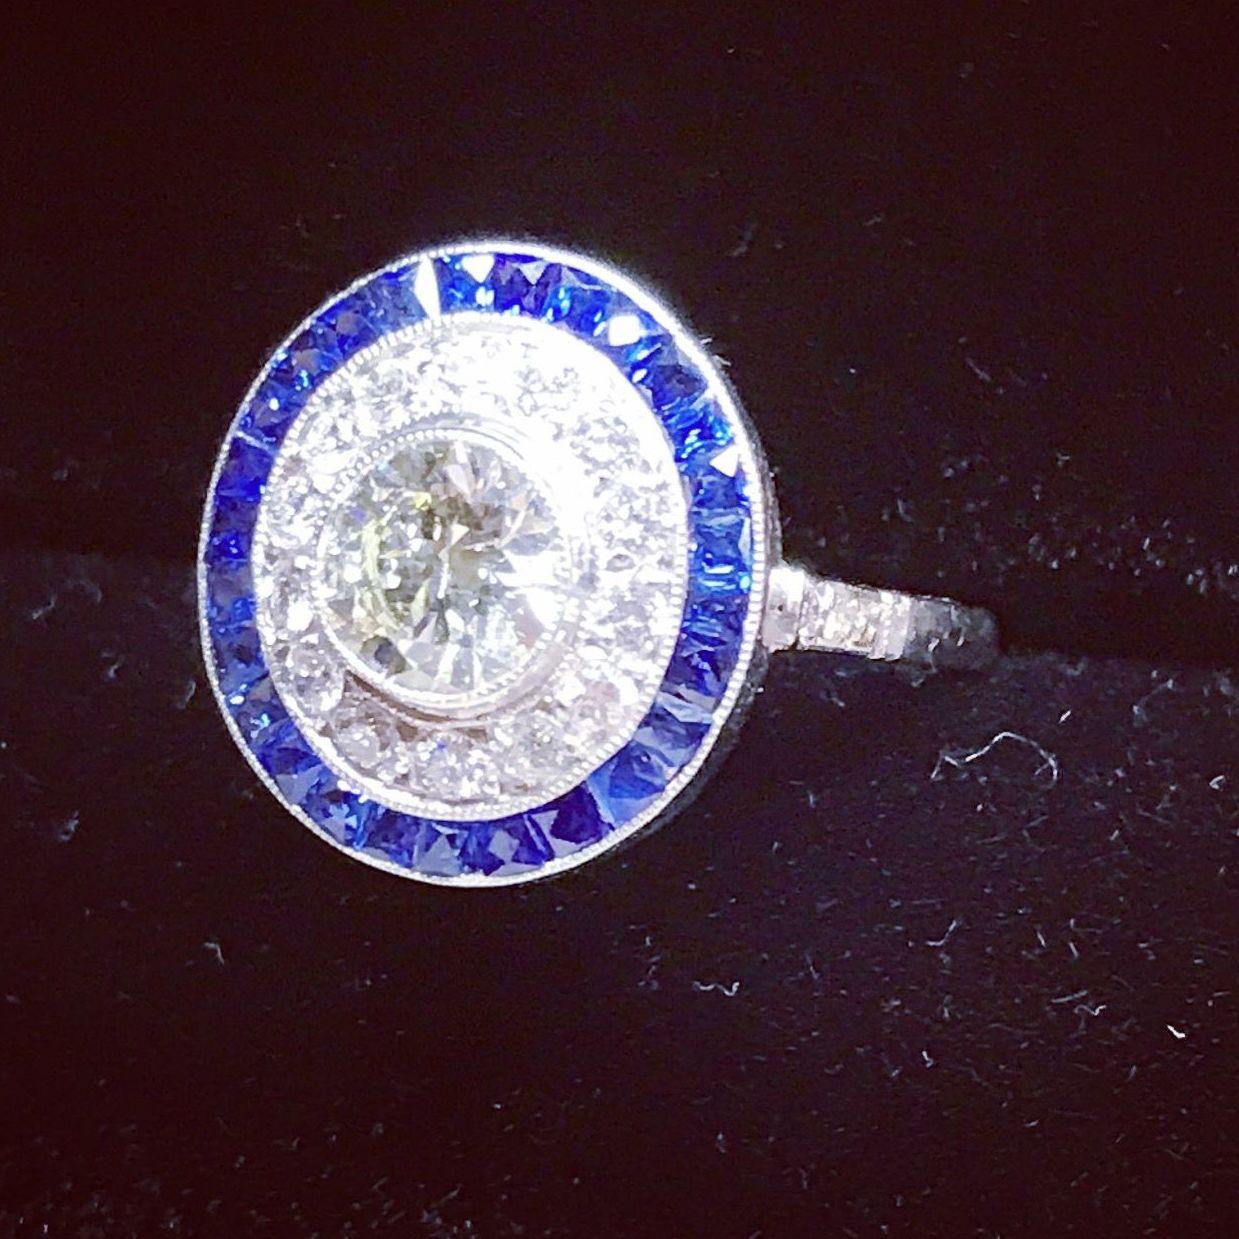 anillo artdeco de platino y diamante talla brillante antigua de 0,80 quilates y doble orla de diamantes y zafiros